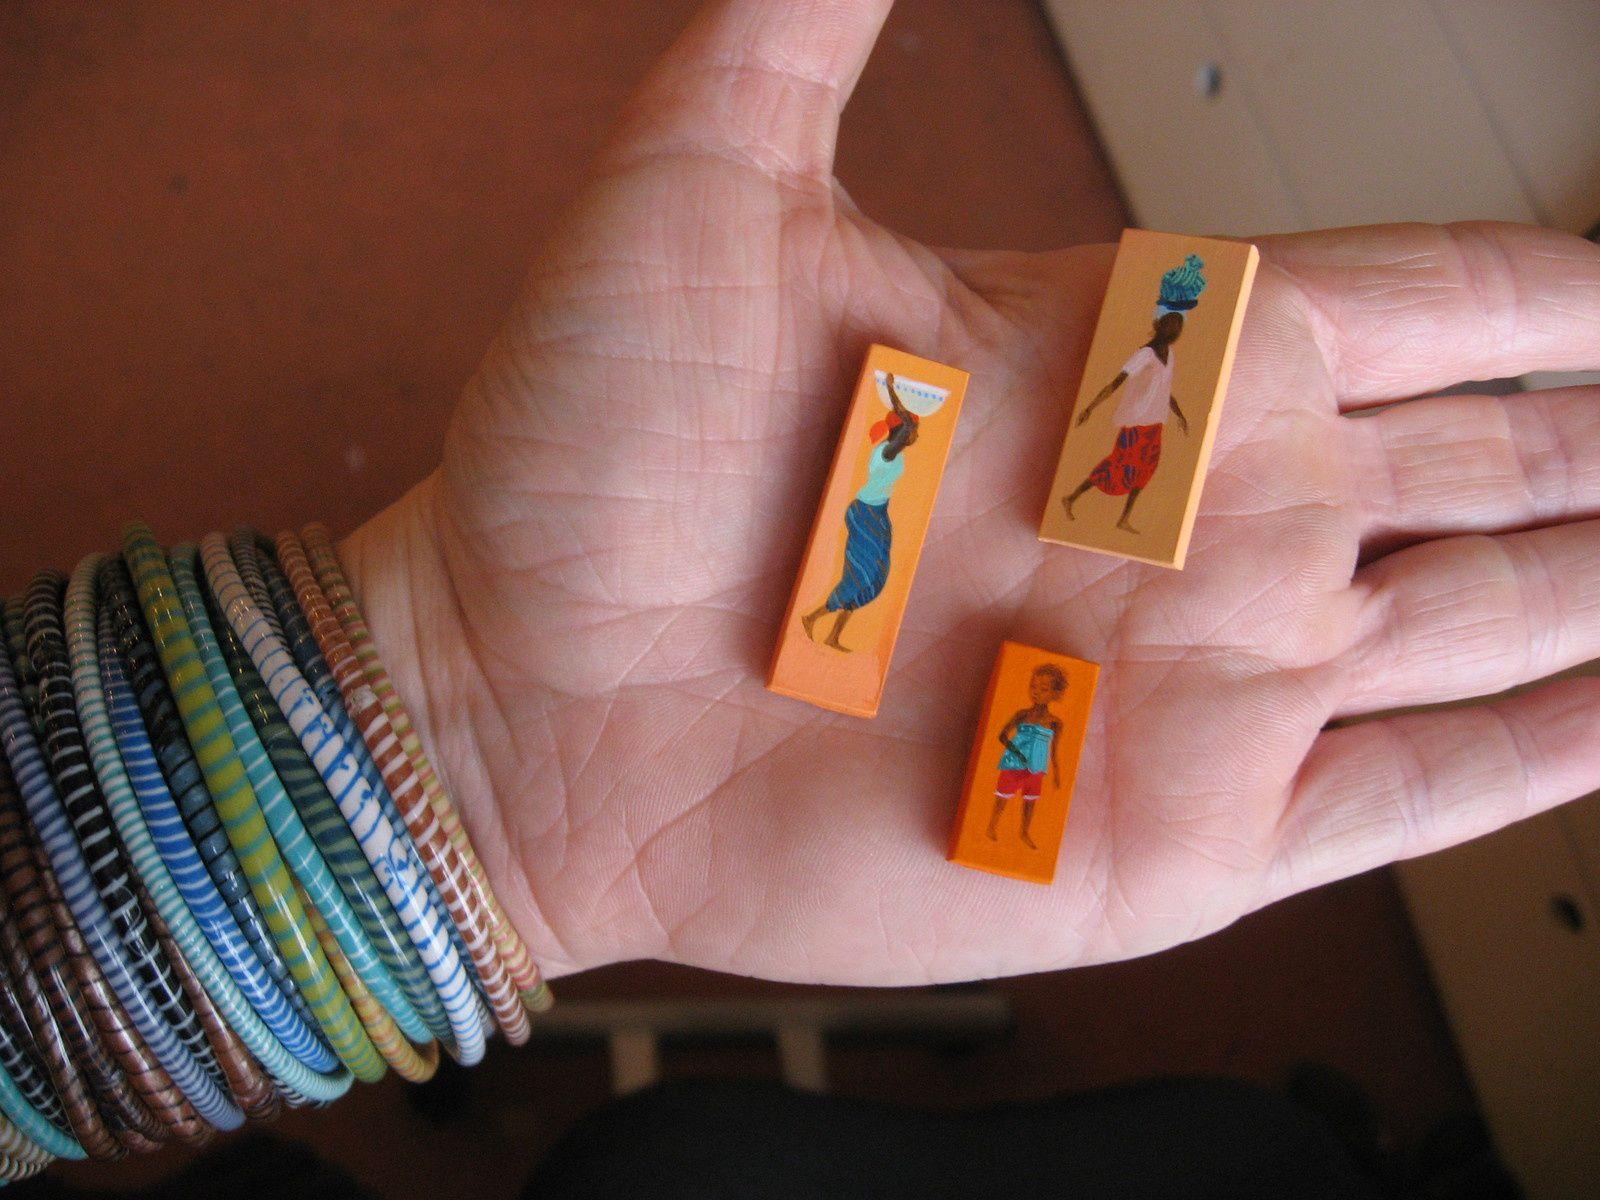 Suite au voyage au Mali, j'ai réalisé une installation de 150 peintures miniatures et dessins à même le mur (à l'atelier, portes ouvertes)